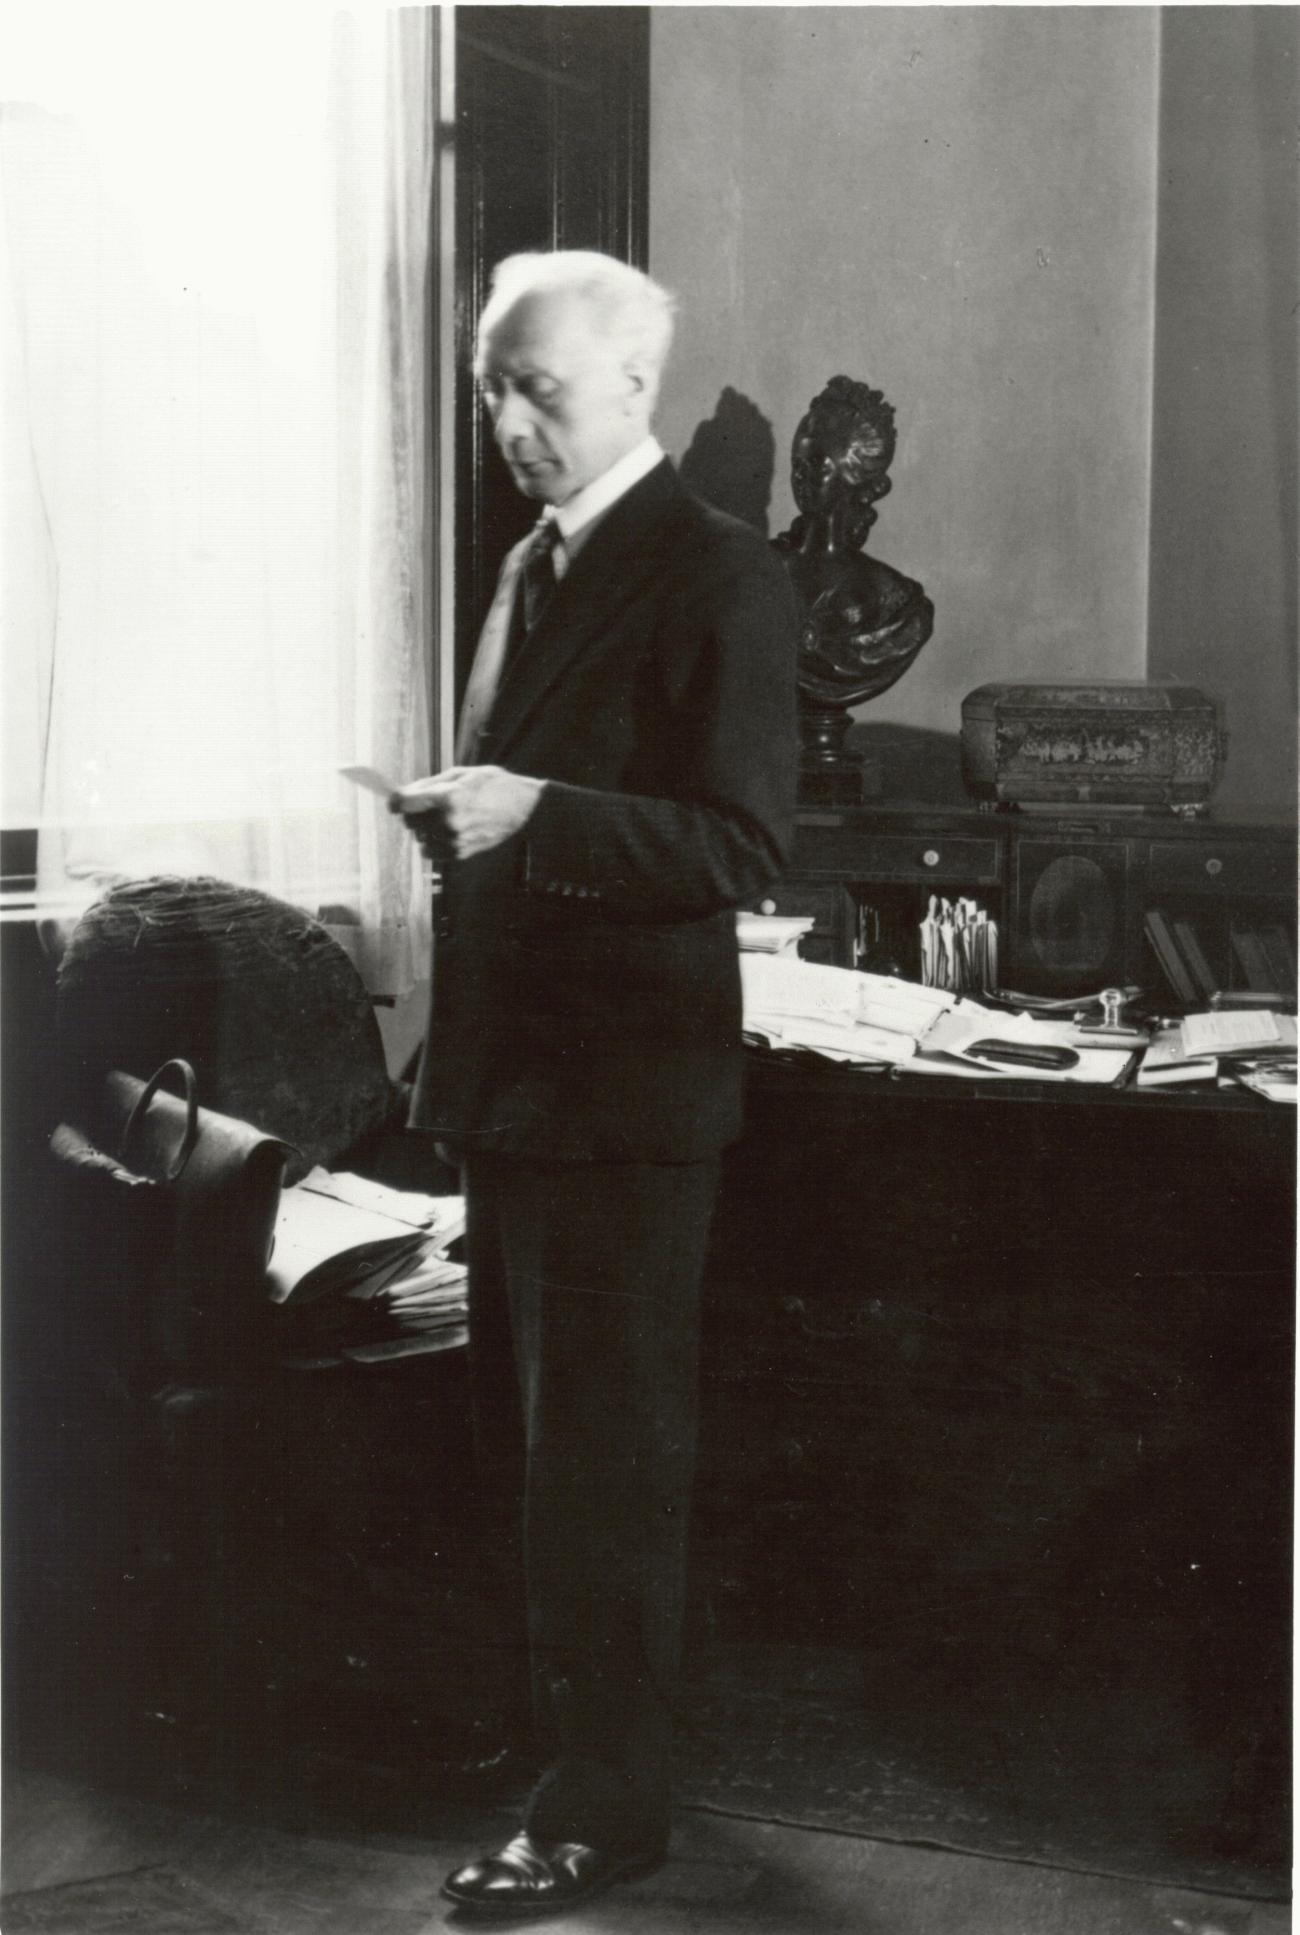 FM Alexander standing in his room